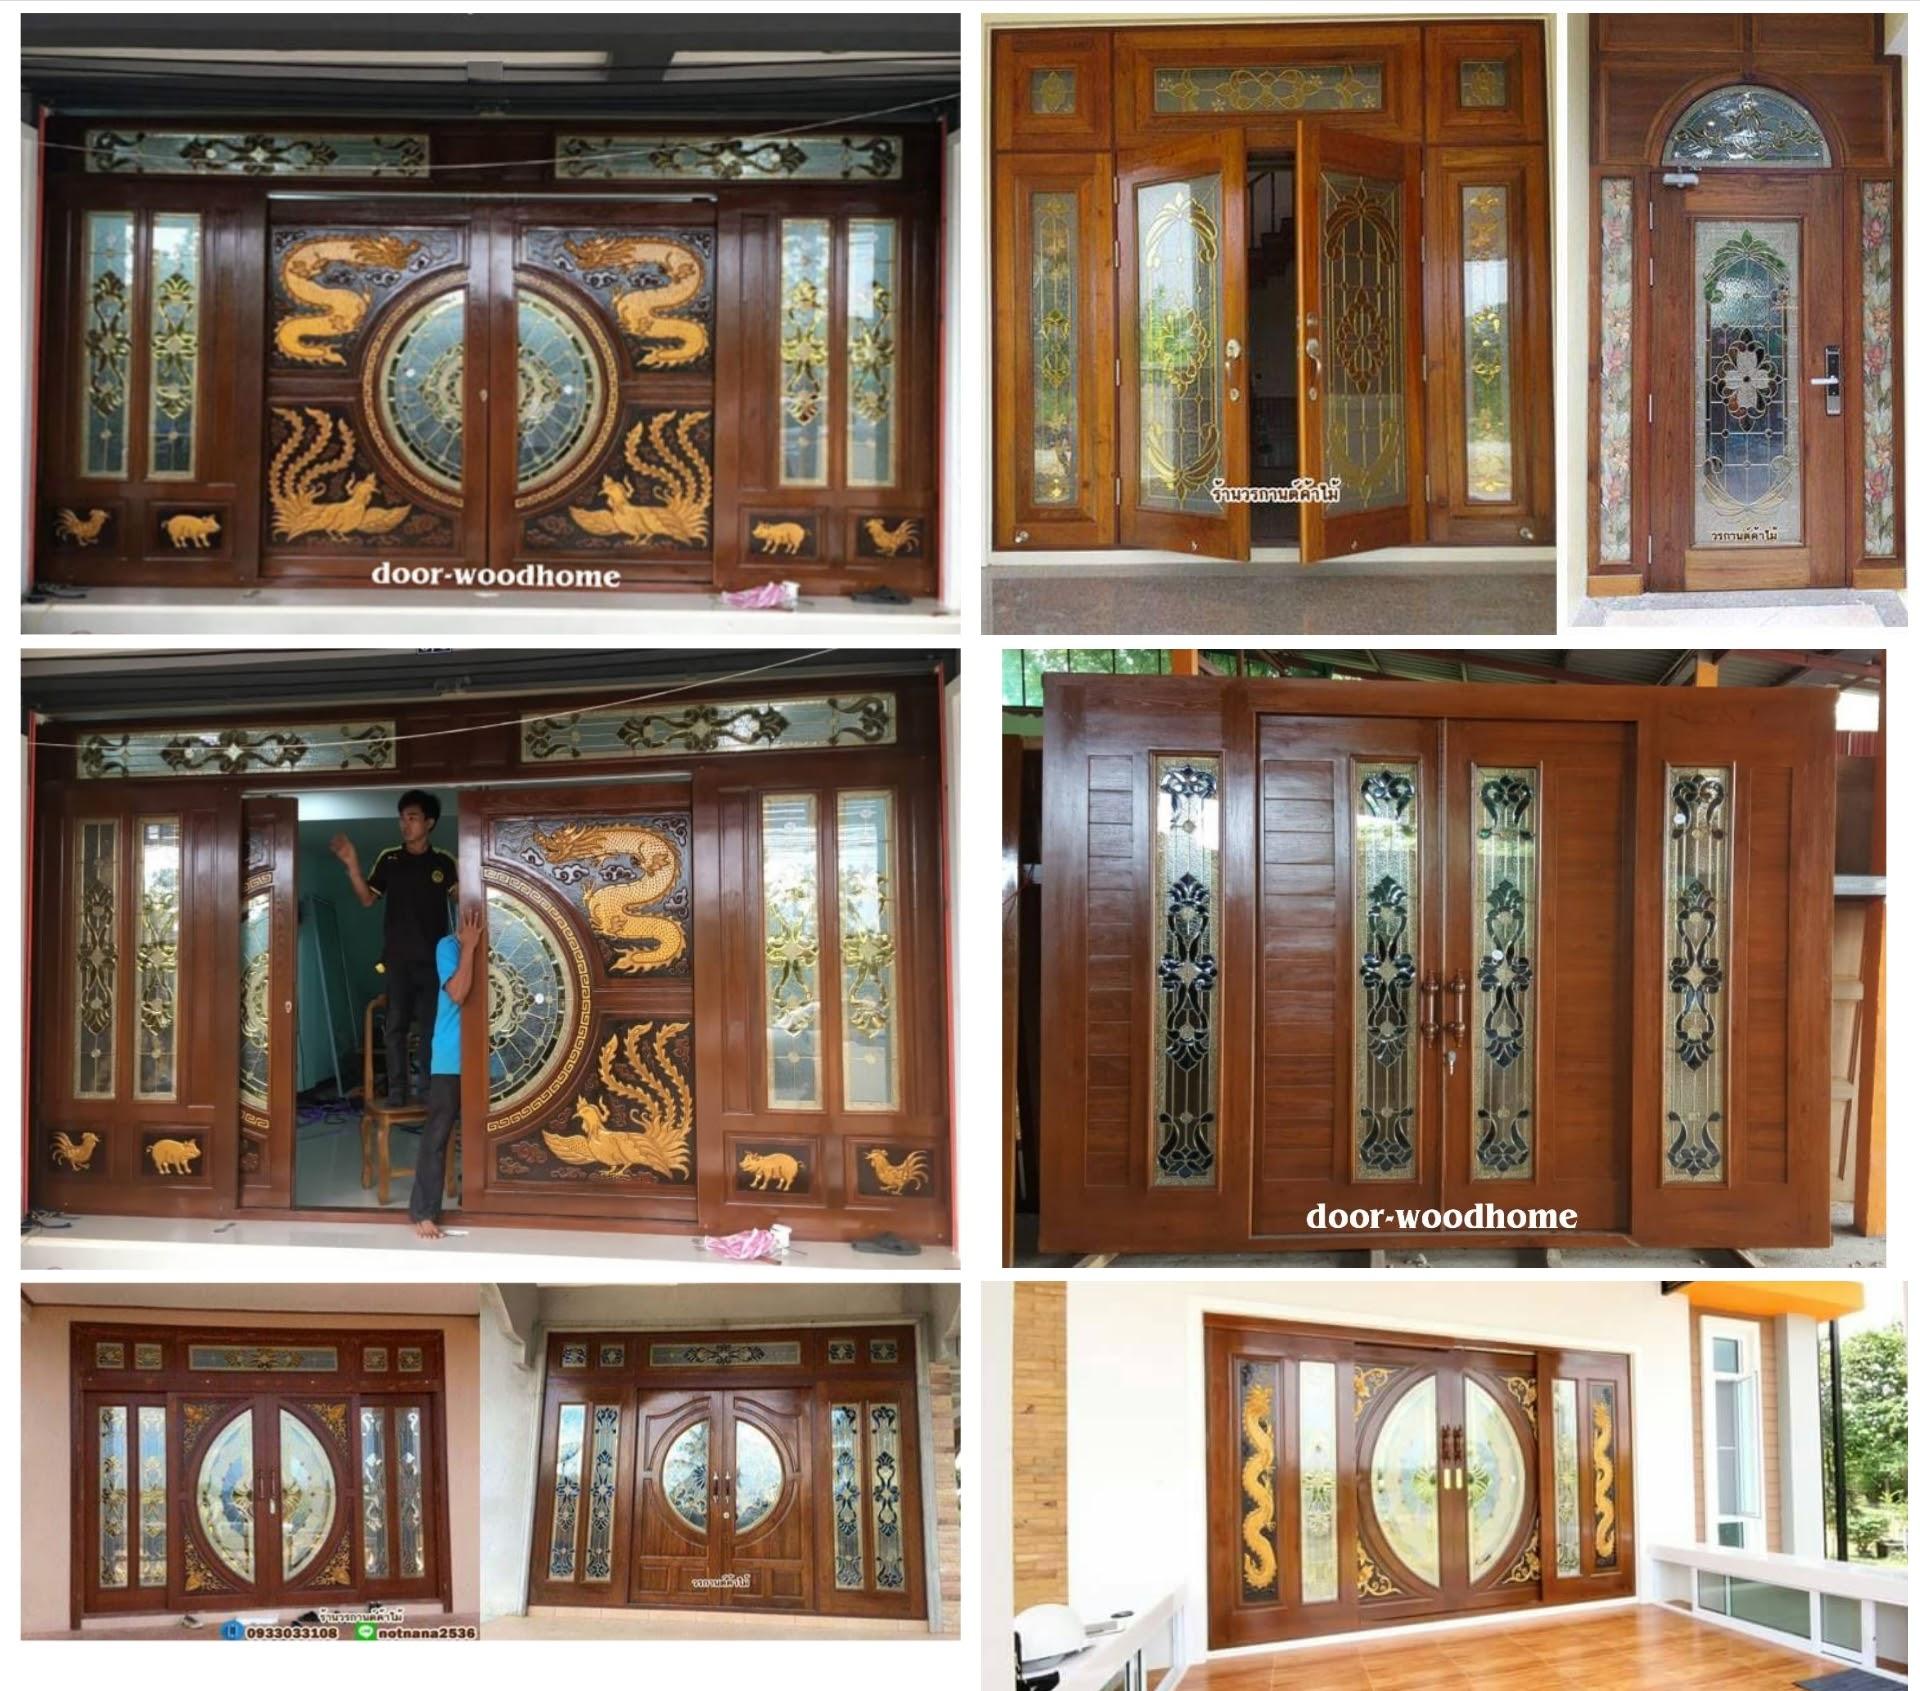 ประตูบานเลื่อนไม้สัก,ประตูไม้สักกระจกนิรภัย,ประตูบ้าน,ประตูไม้สัก